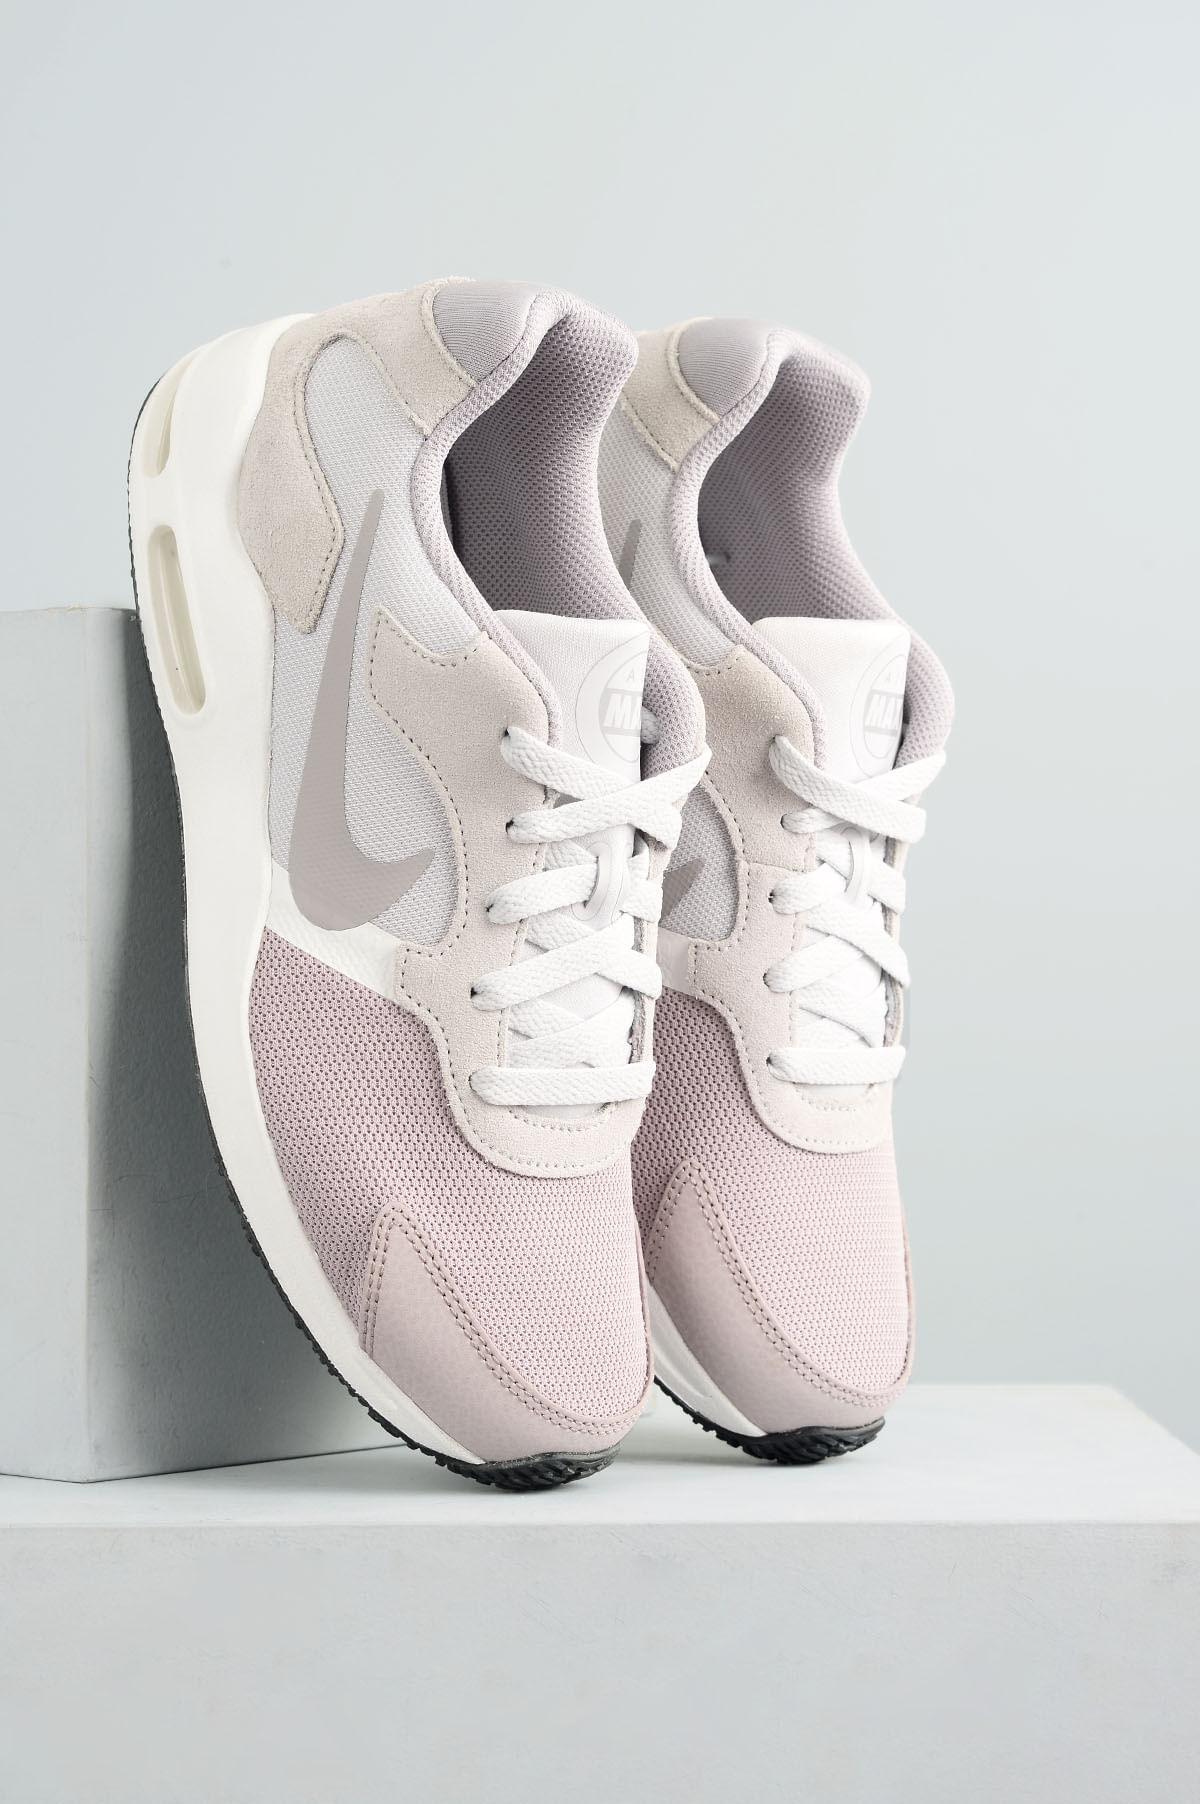 bf4ca256d89 Tênis Feminino Nike Air Max Guile CAMURÇA CINZA - Mundial Calçados